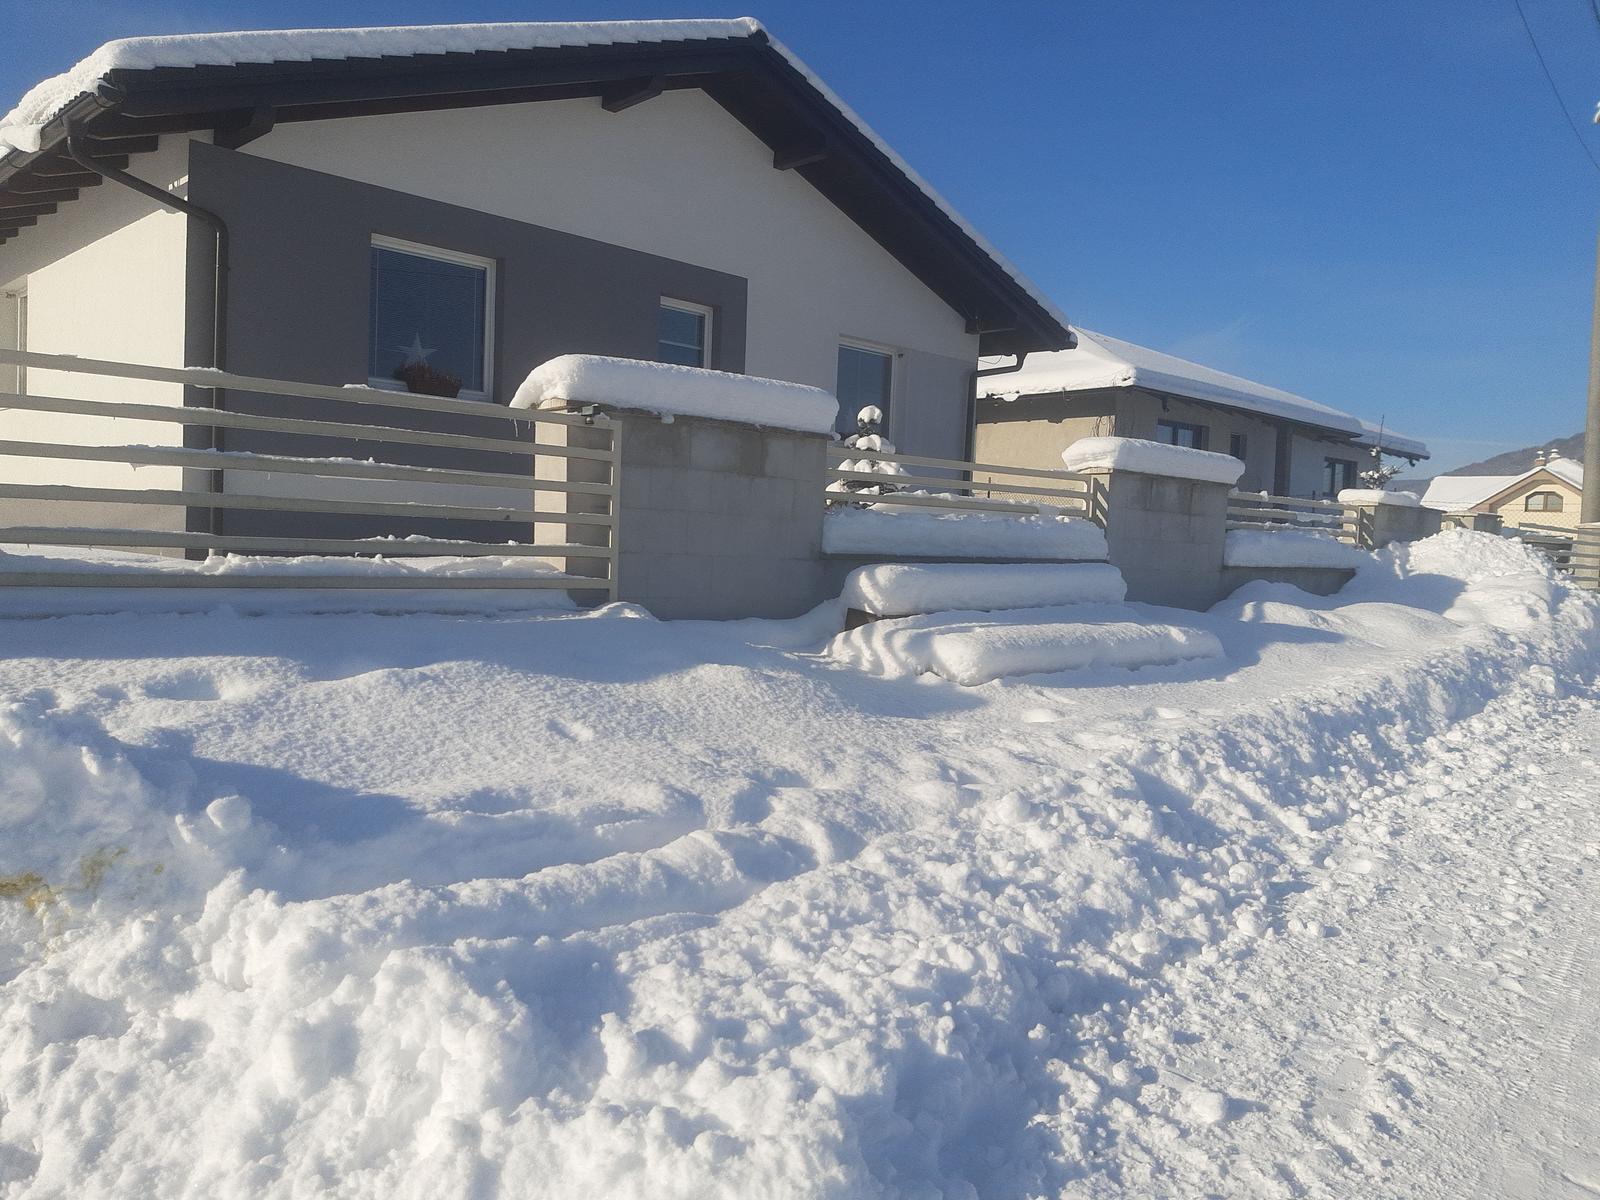 Domček na kopčeku - Veľká nádielka snehu